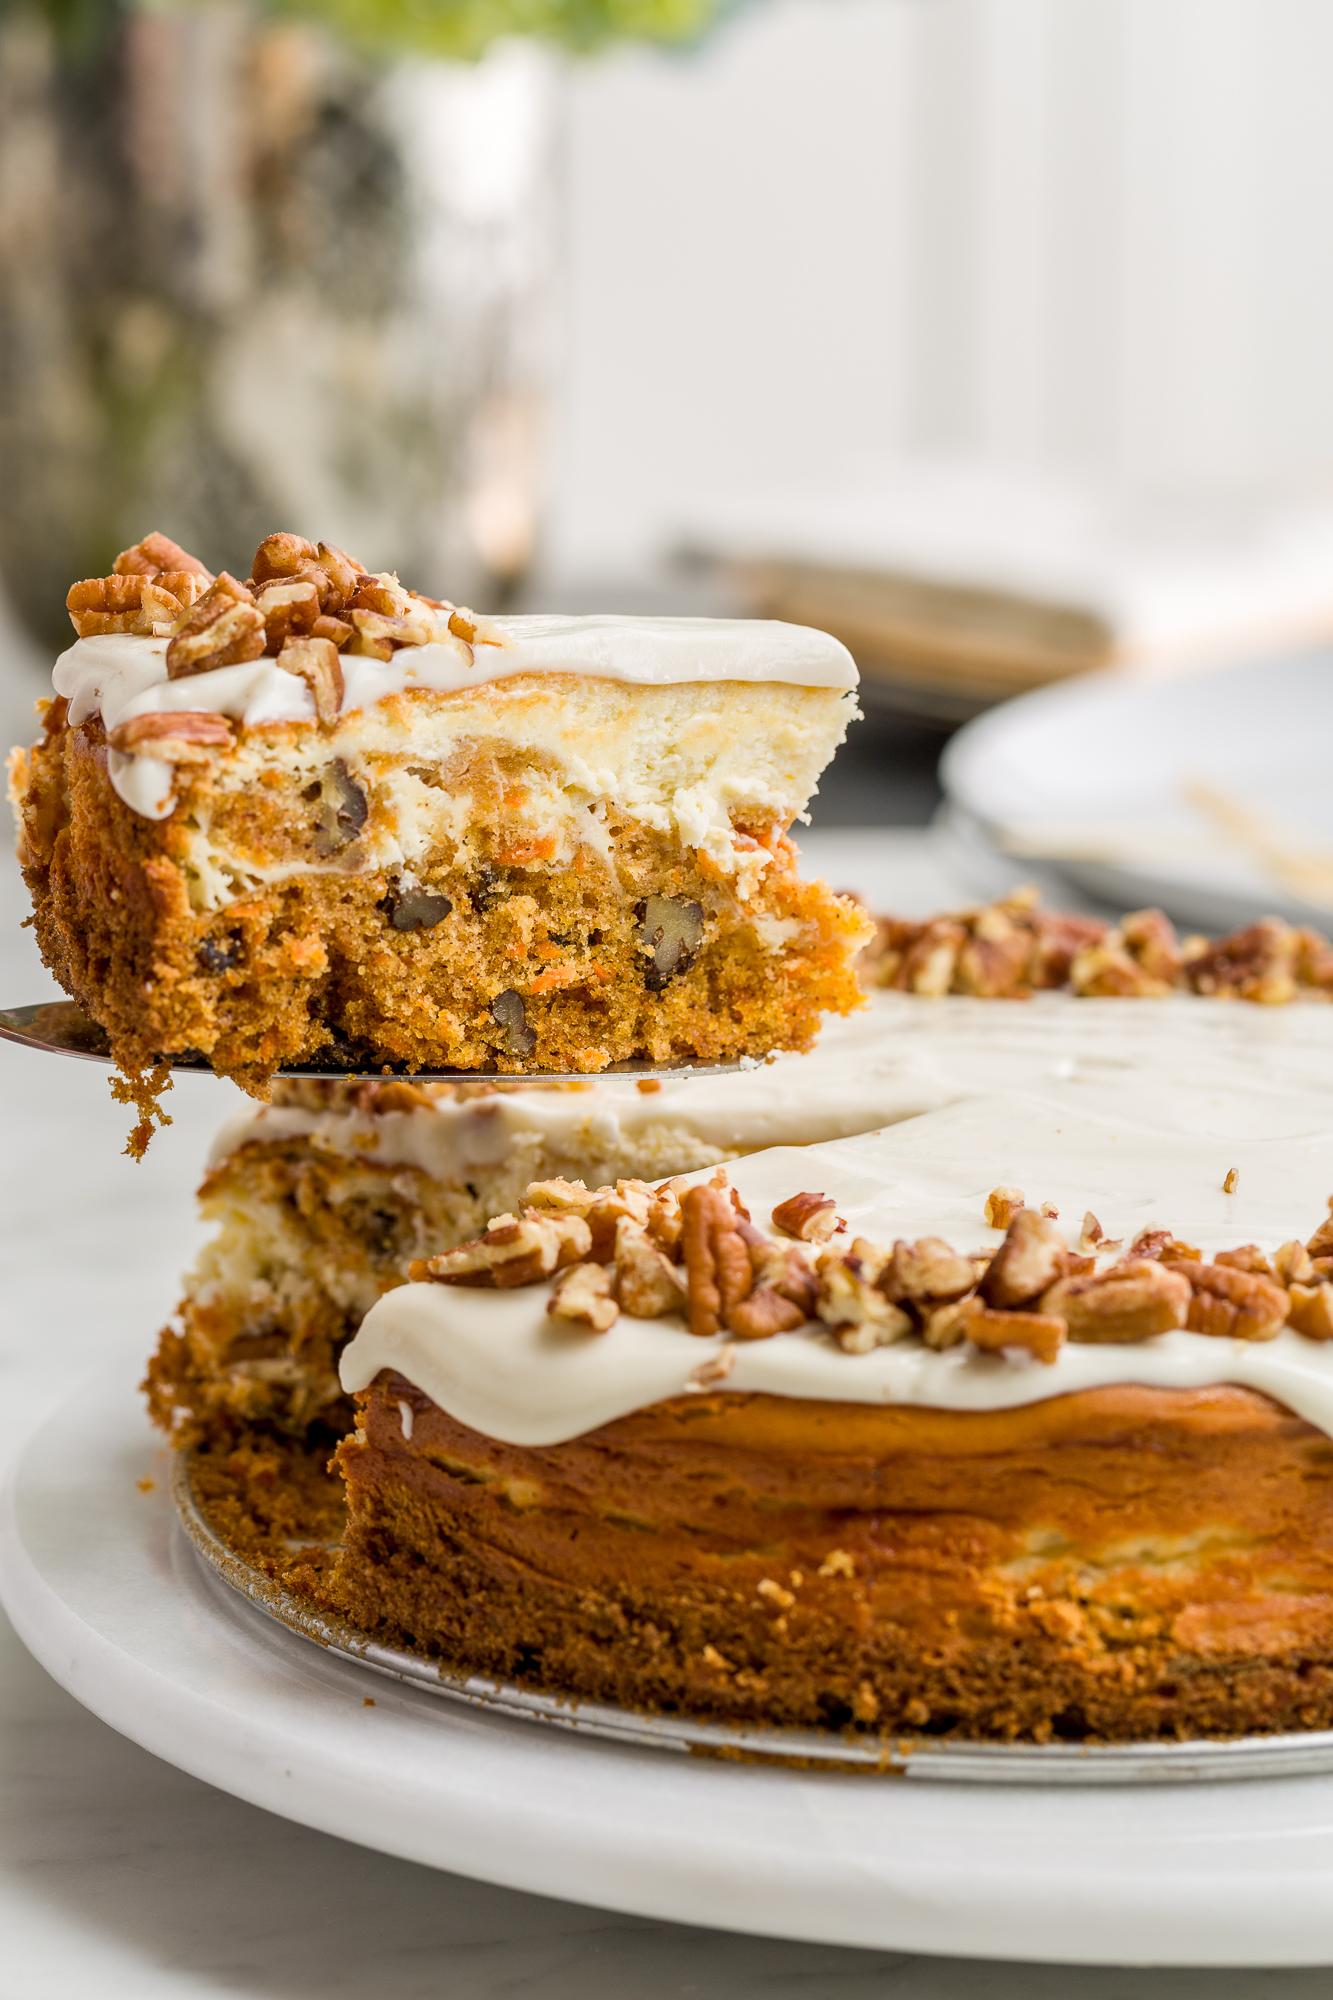 Best Carrot Cake Recipe Best Homemade Recipes For Carrot